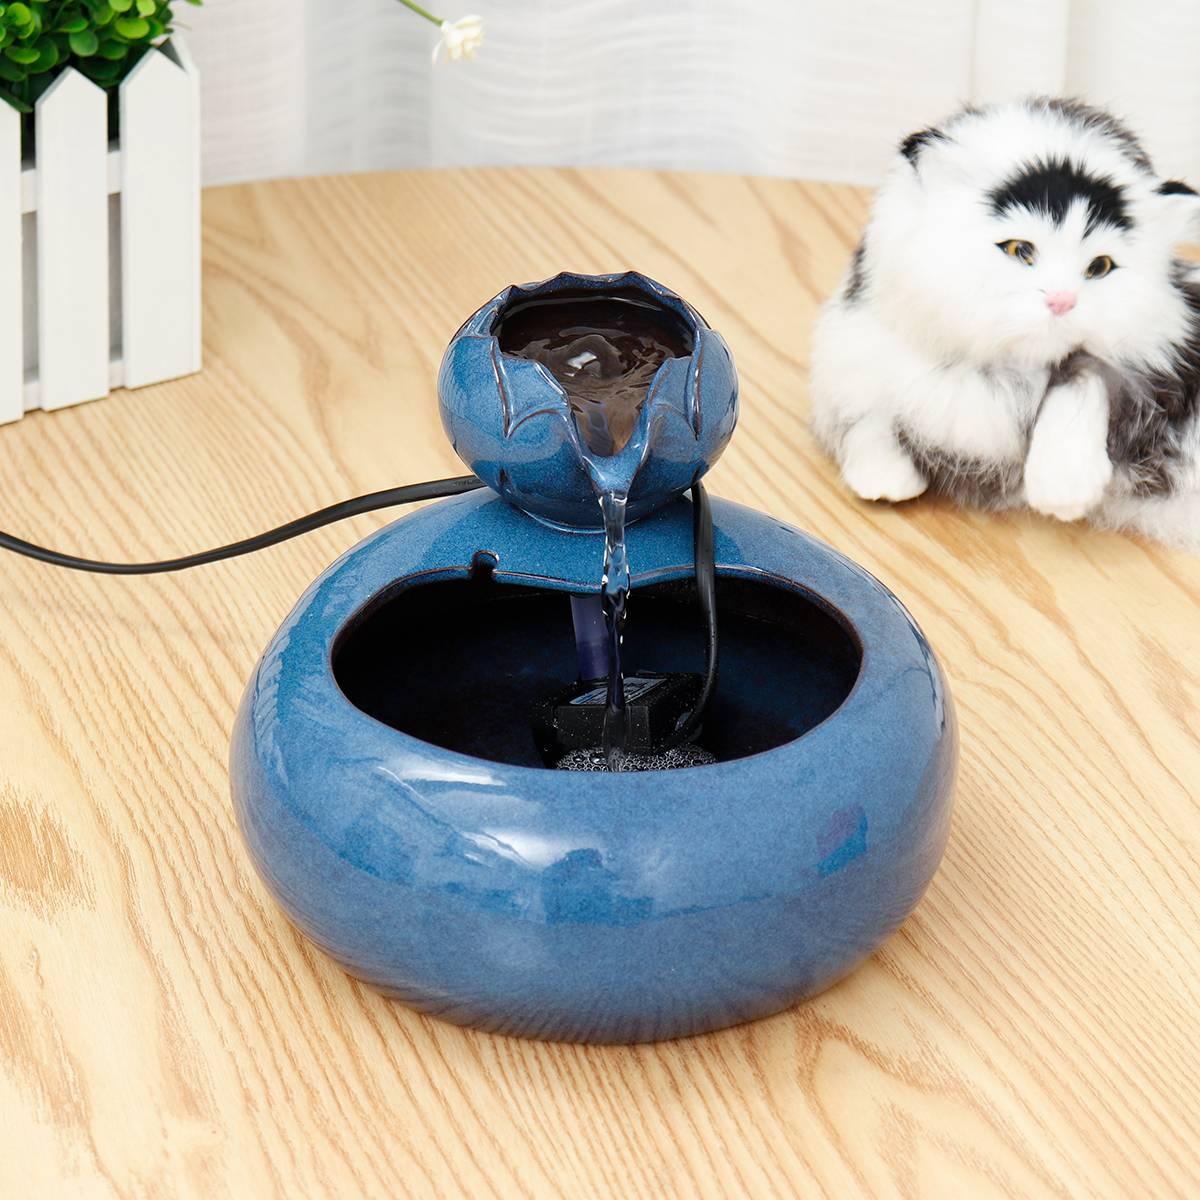 Обзор поилок для кошки: создание автоматического фонтанчика собственноручно